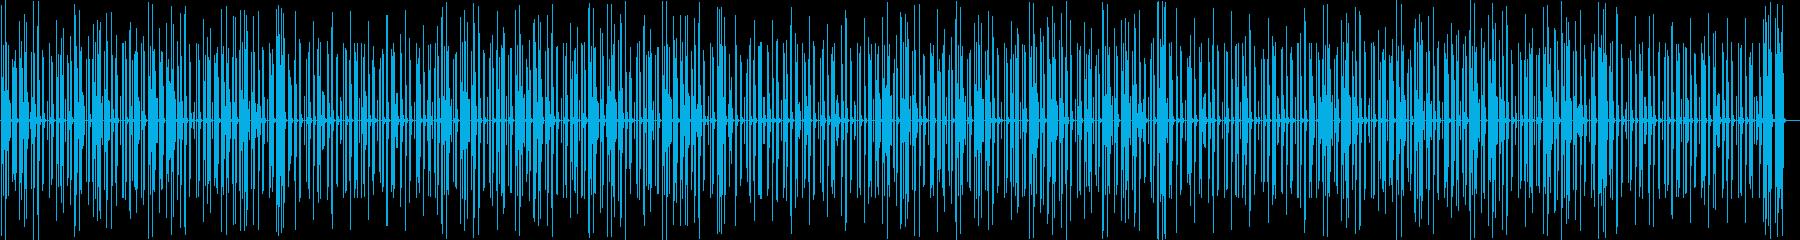 会話・トーク・ゆるい・日常・ウクレレの再生済みの波形